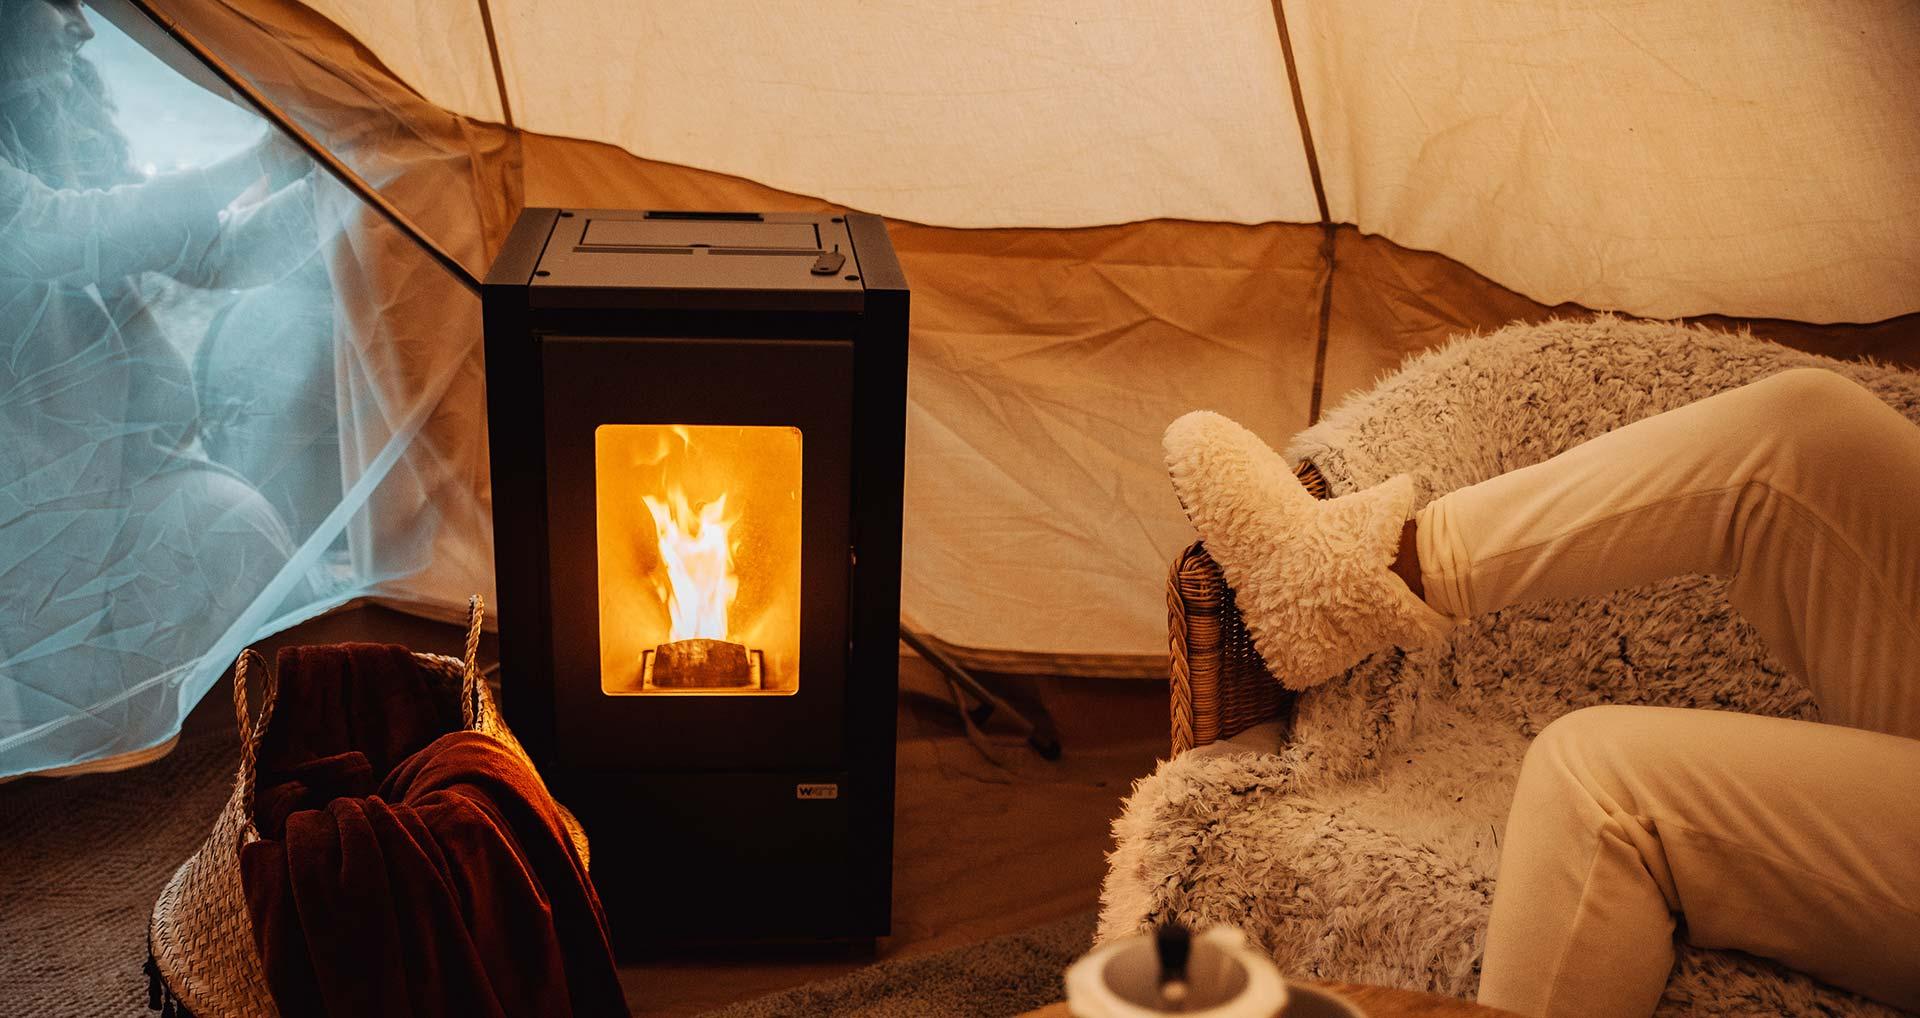 Campings de otoño-invierno-primavera con chimenea